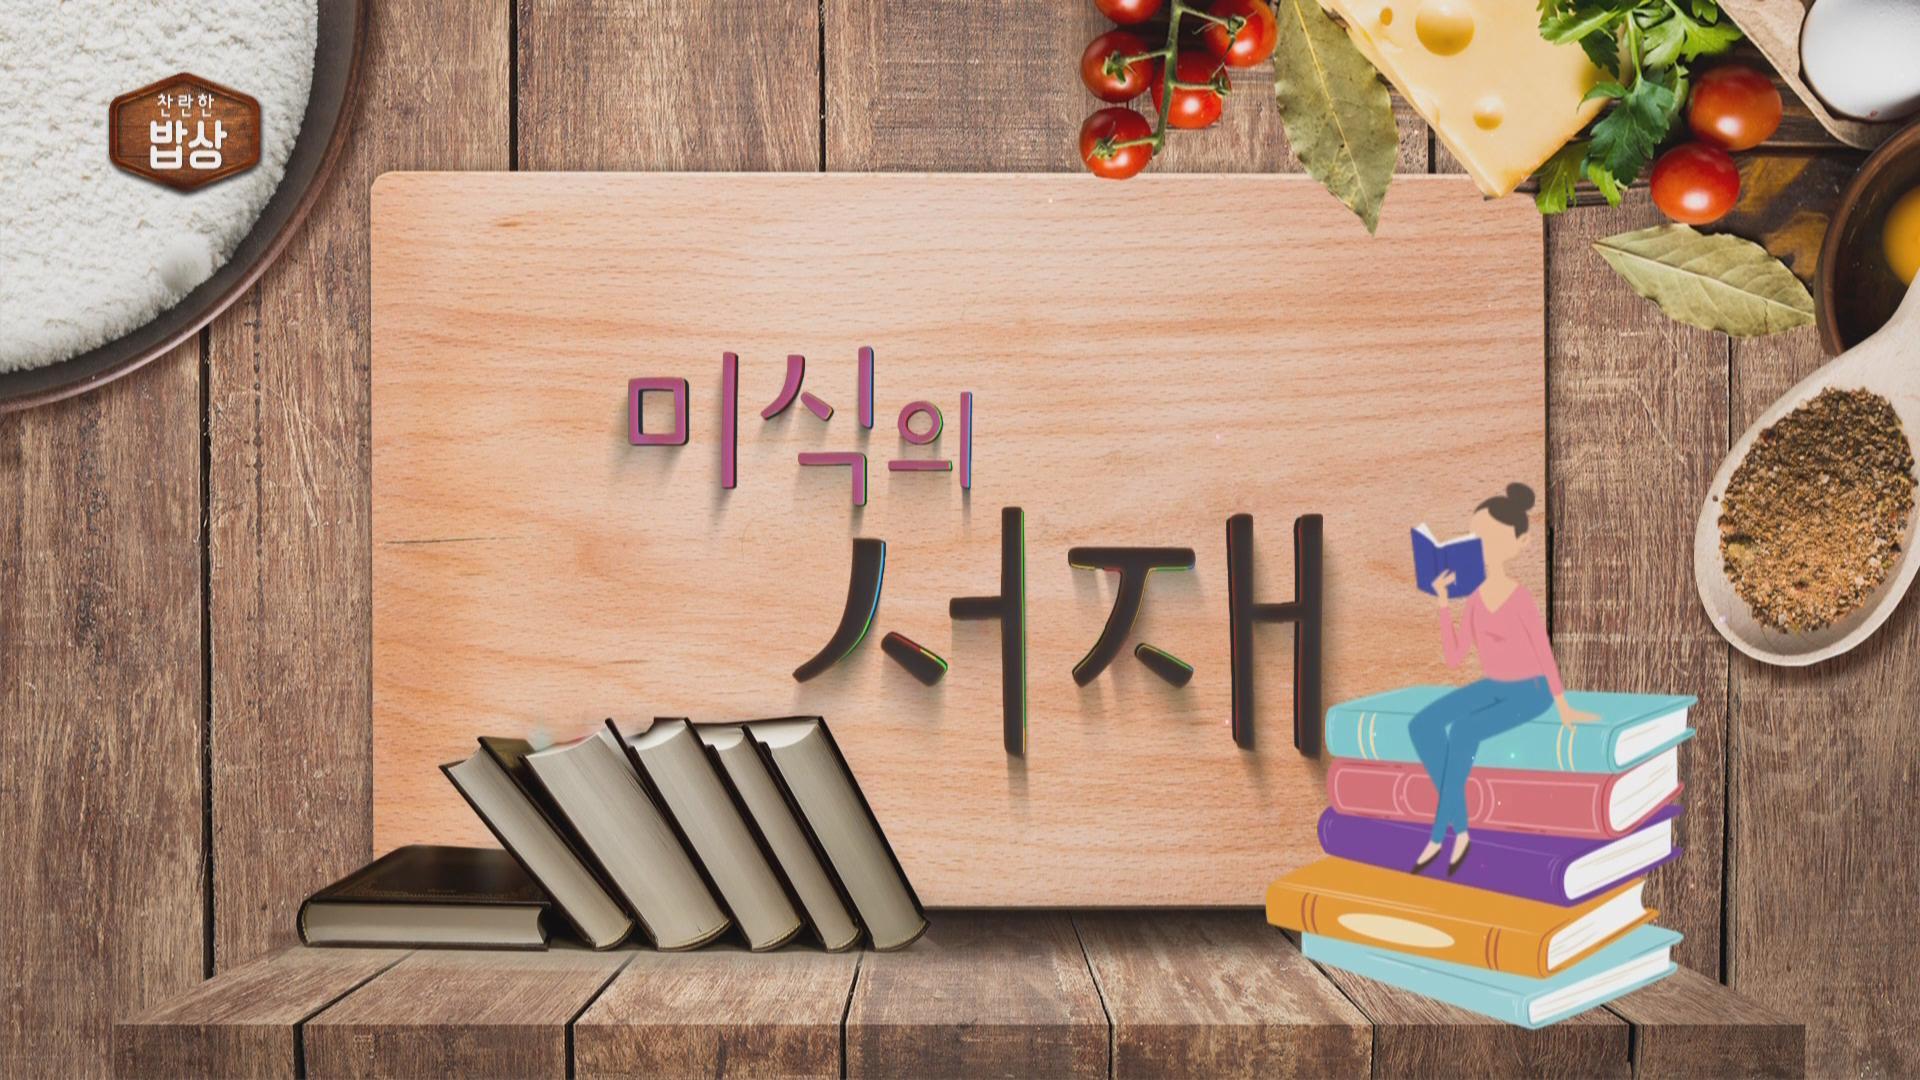 찬란한밥상 12화 수정-0048856.jpg